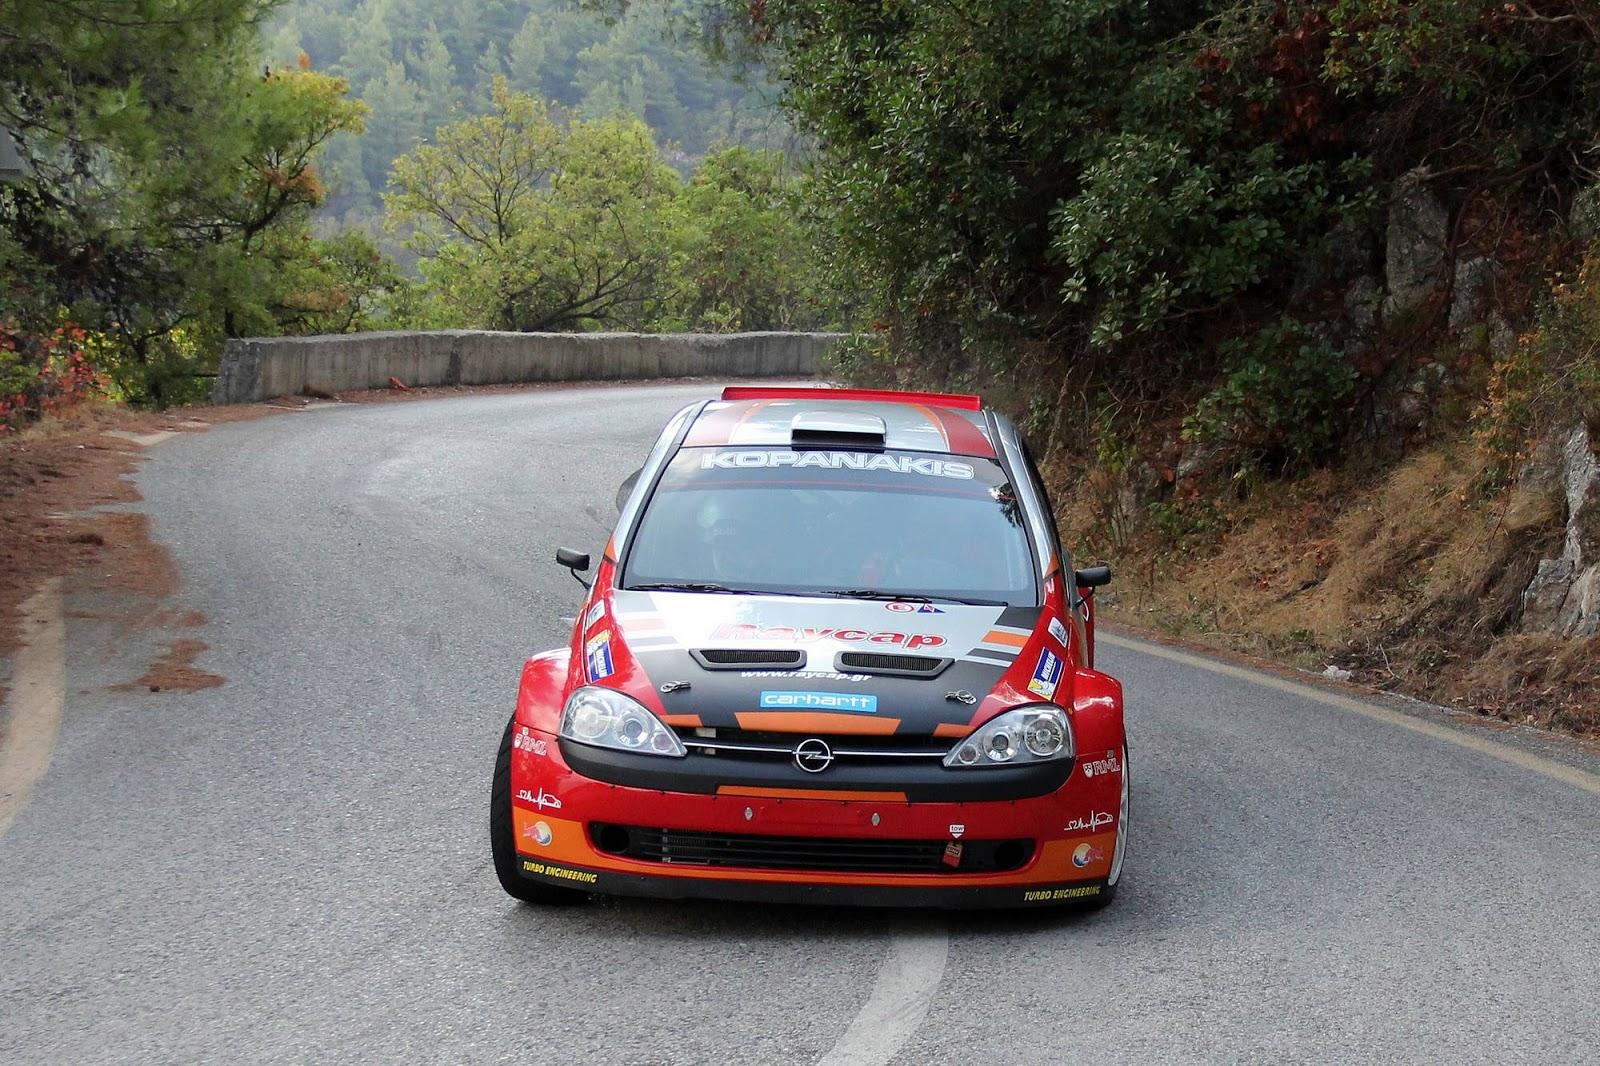 25CE259A25CE25BF25CF258025CE25B125CE25BD25CE25AC25CE25BA25CE25B725CF2582 25CE25A625CE25B125CF258125CE25BC25CE25AC25CE25BA25CE25B725CF2582 Ολοκληρώθηκε το 4ο Athens Rally Sprint με νικητή τον Πλάγο με Honda Civic Type-R